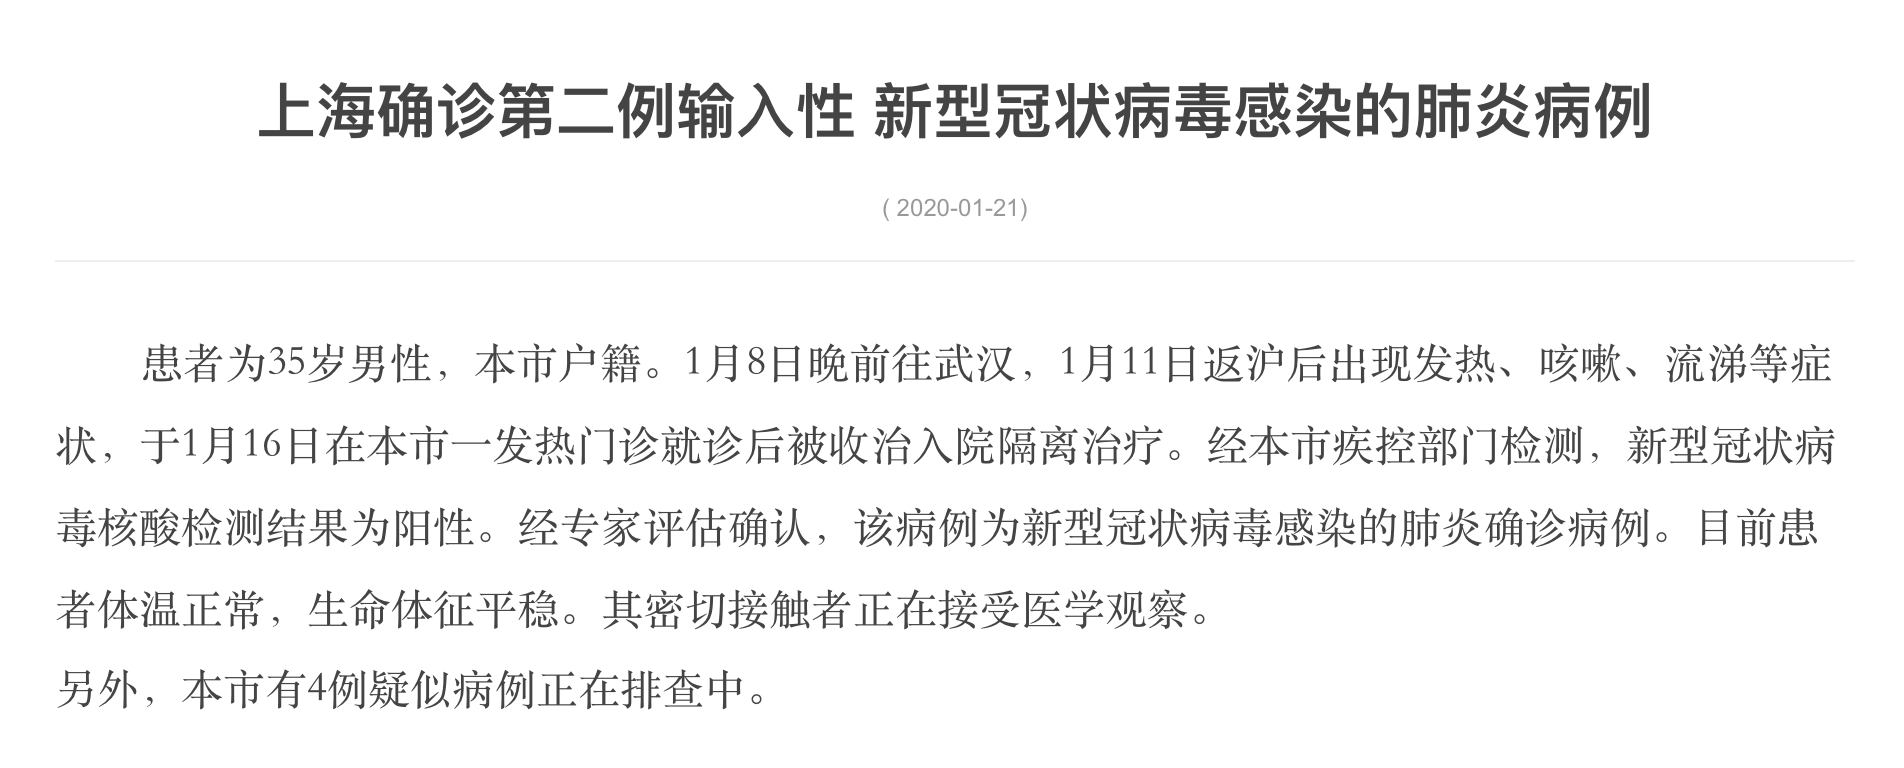 感染 者 肺炎 新型 新型コロナウイルス感染者数の推移:朝日新聞デジタル